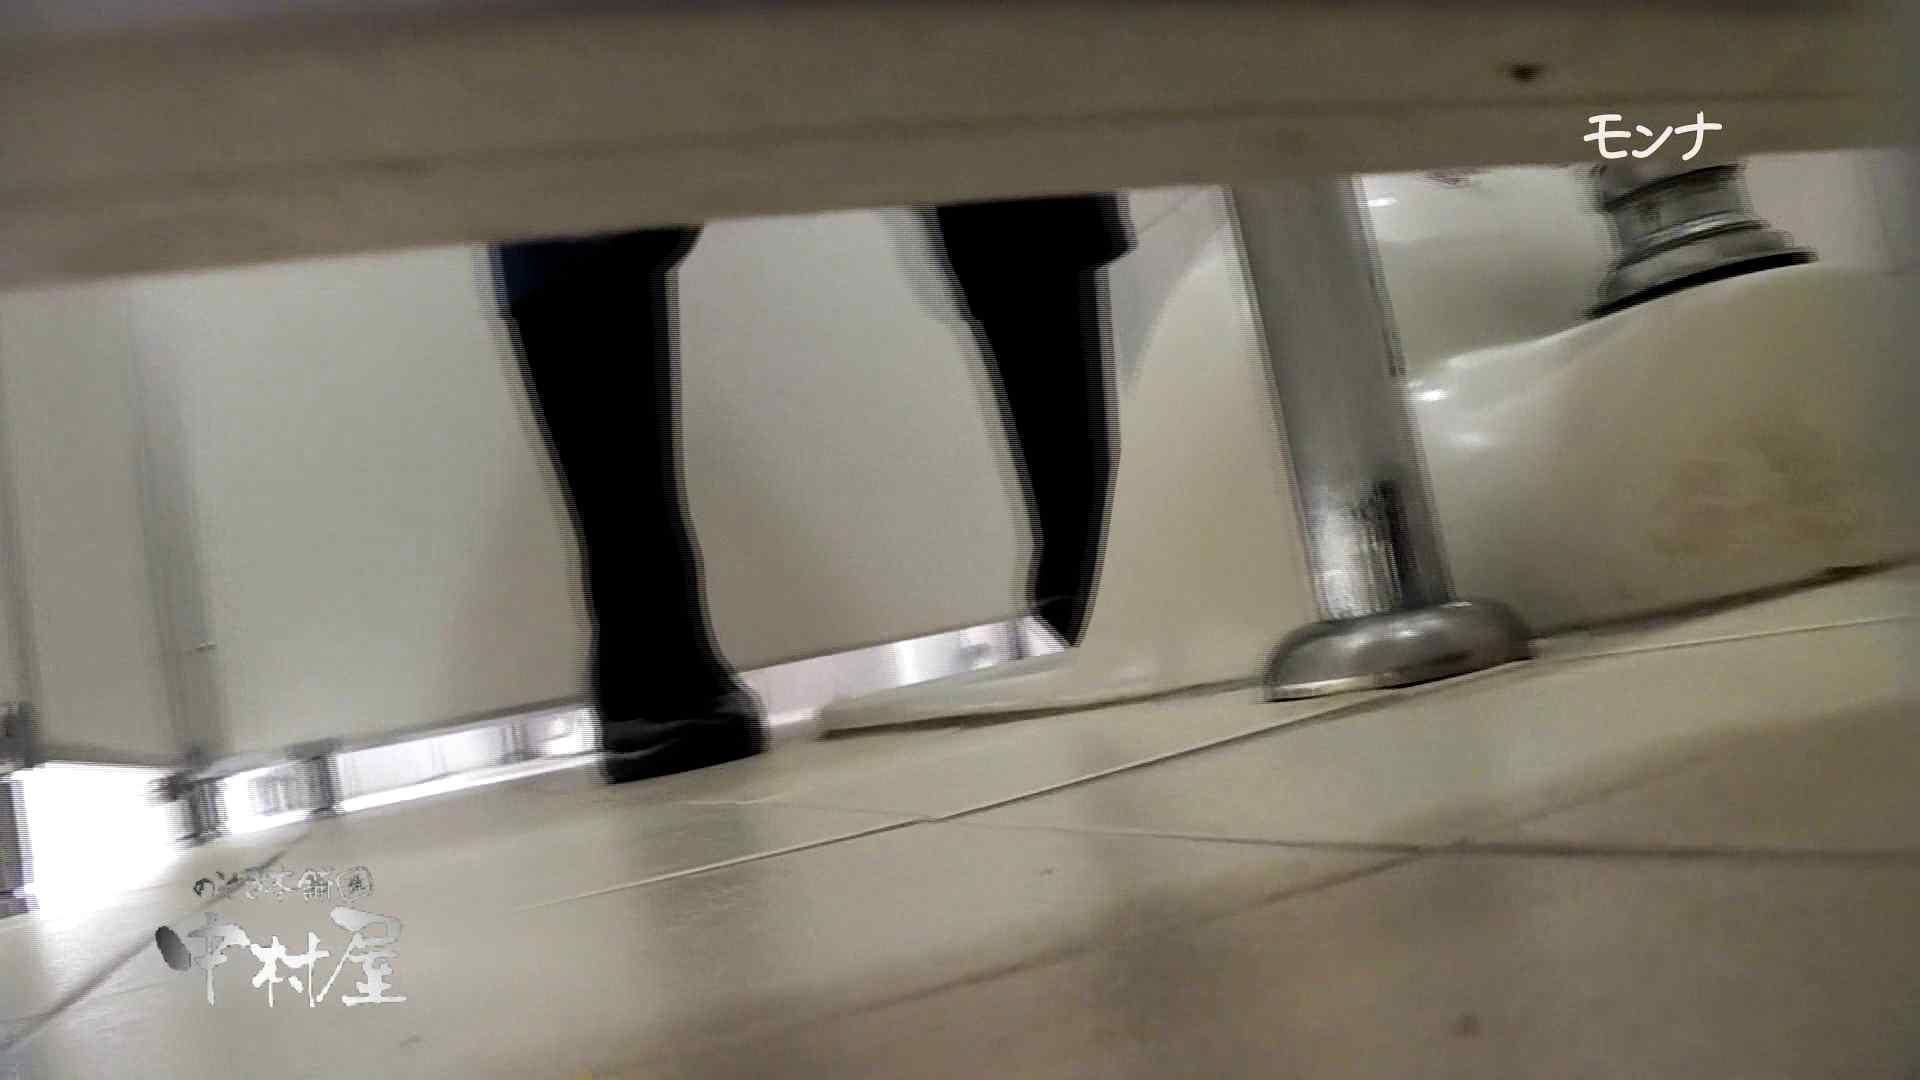 【美しい日本の未来】新学期!!下半身中心に攻めてます美女可愛い女子悪戯盗satuトイレ後編 美女まとめ  100PIX 84